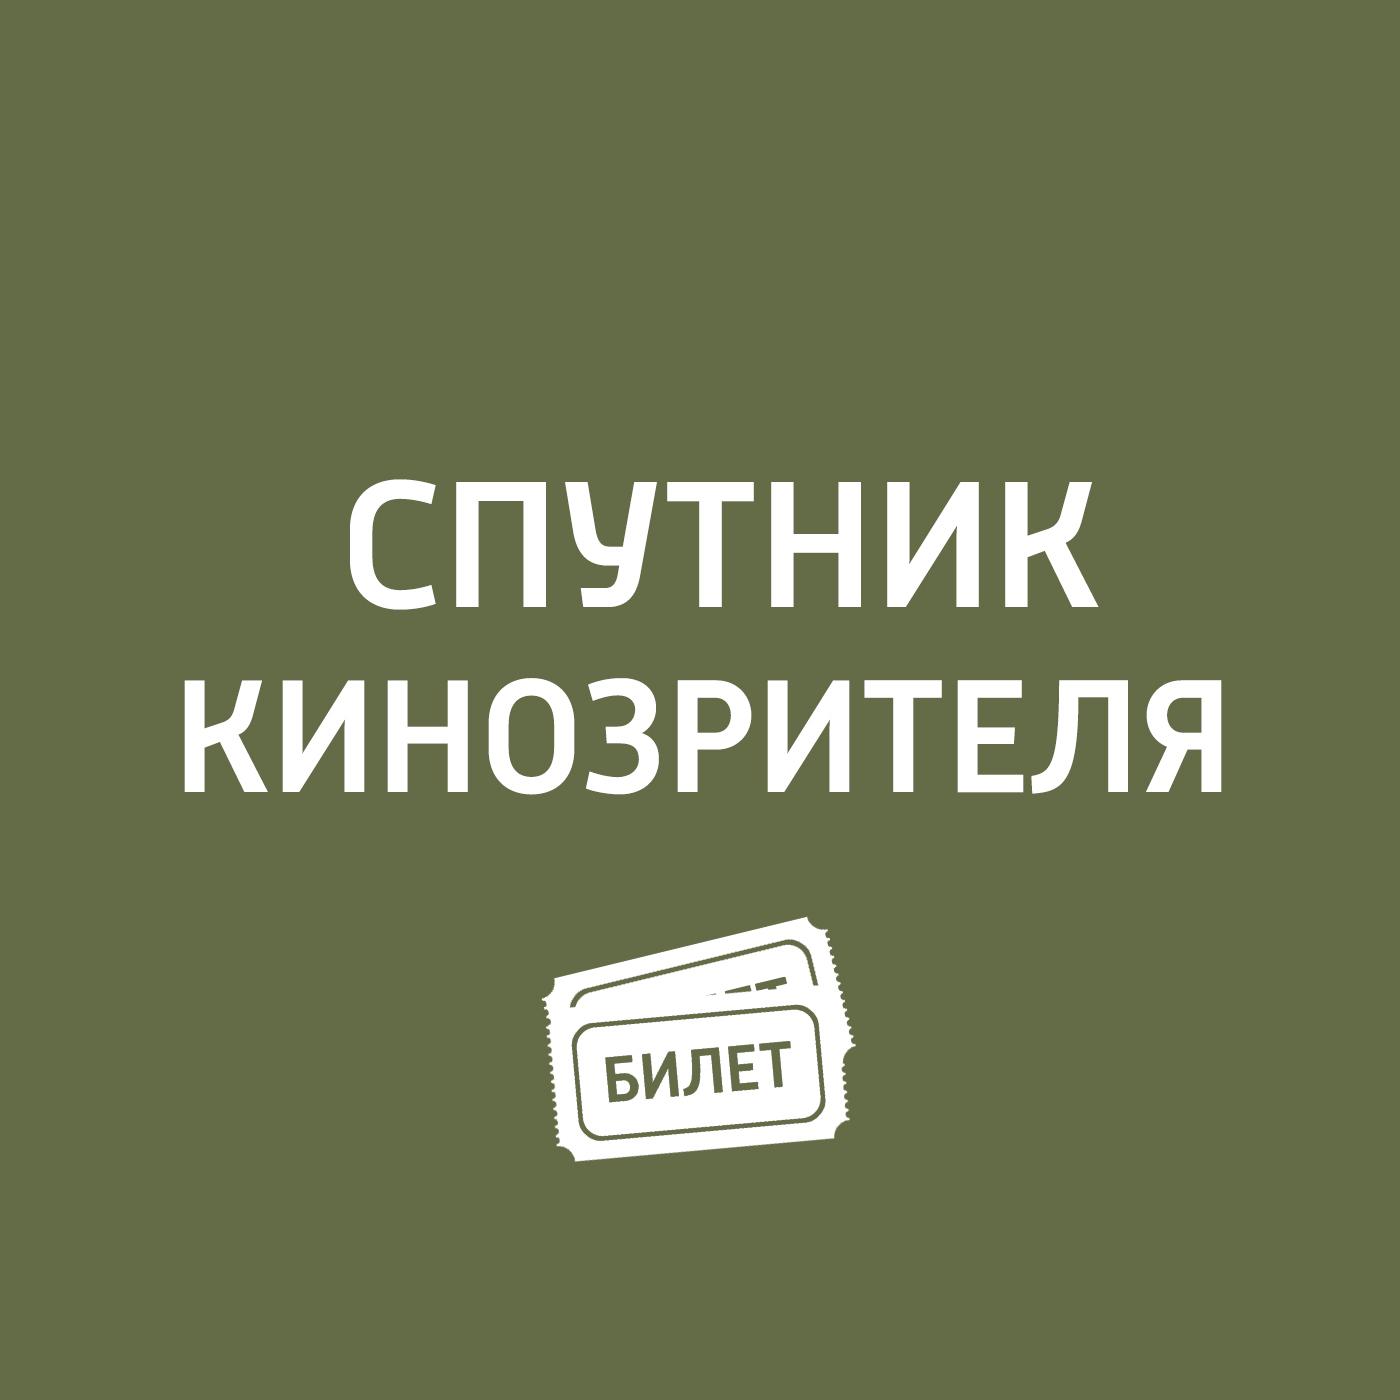 Антон Долин Итоги премии Оскар 2017